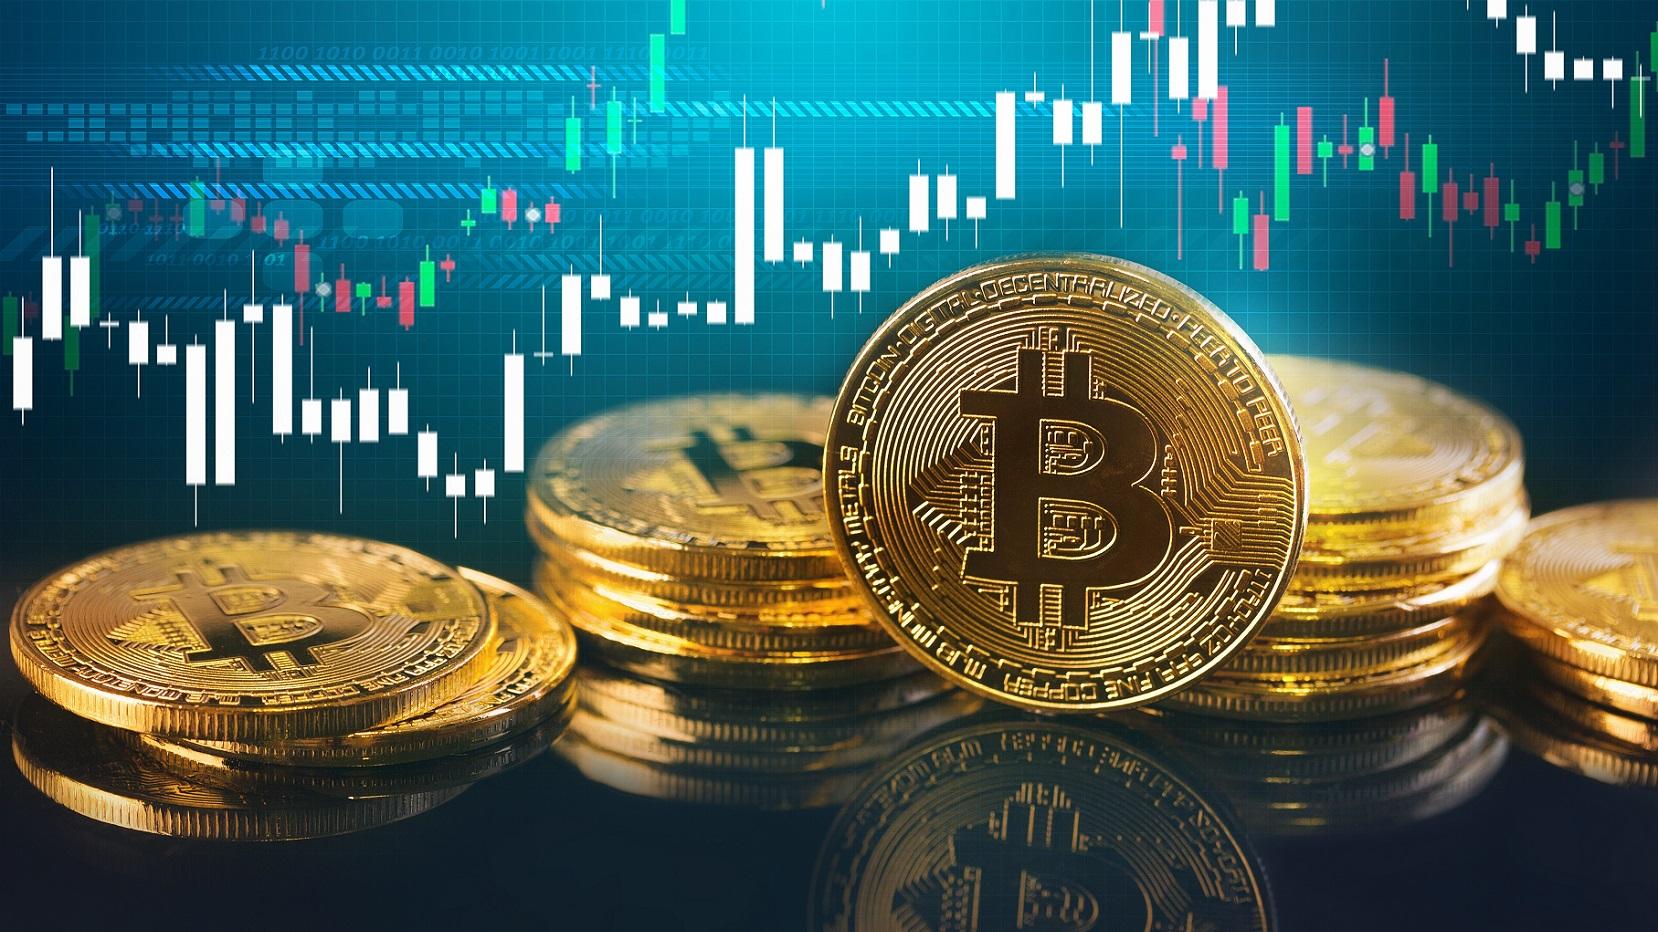 Bitcoin – Bullish momentum remains